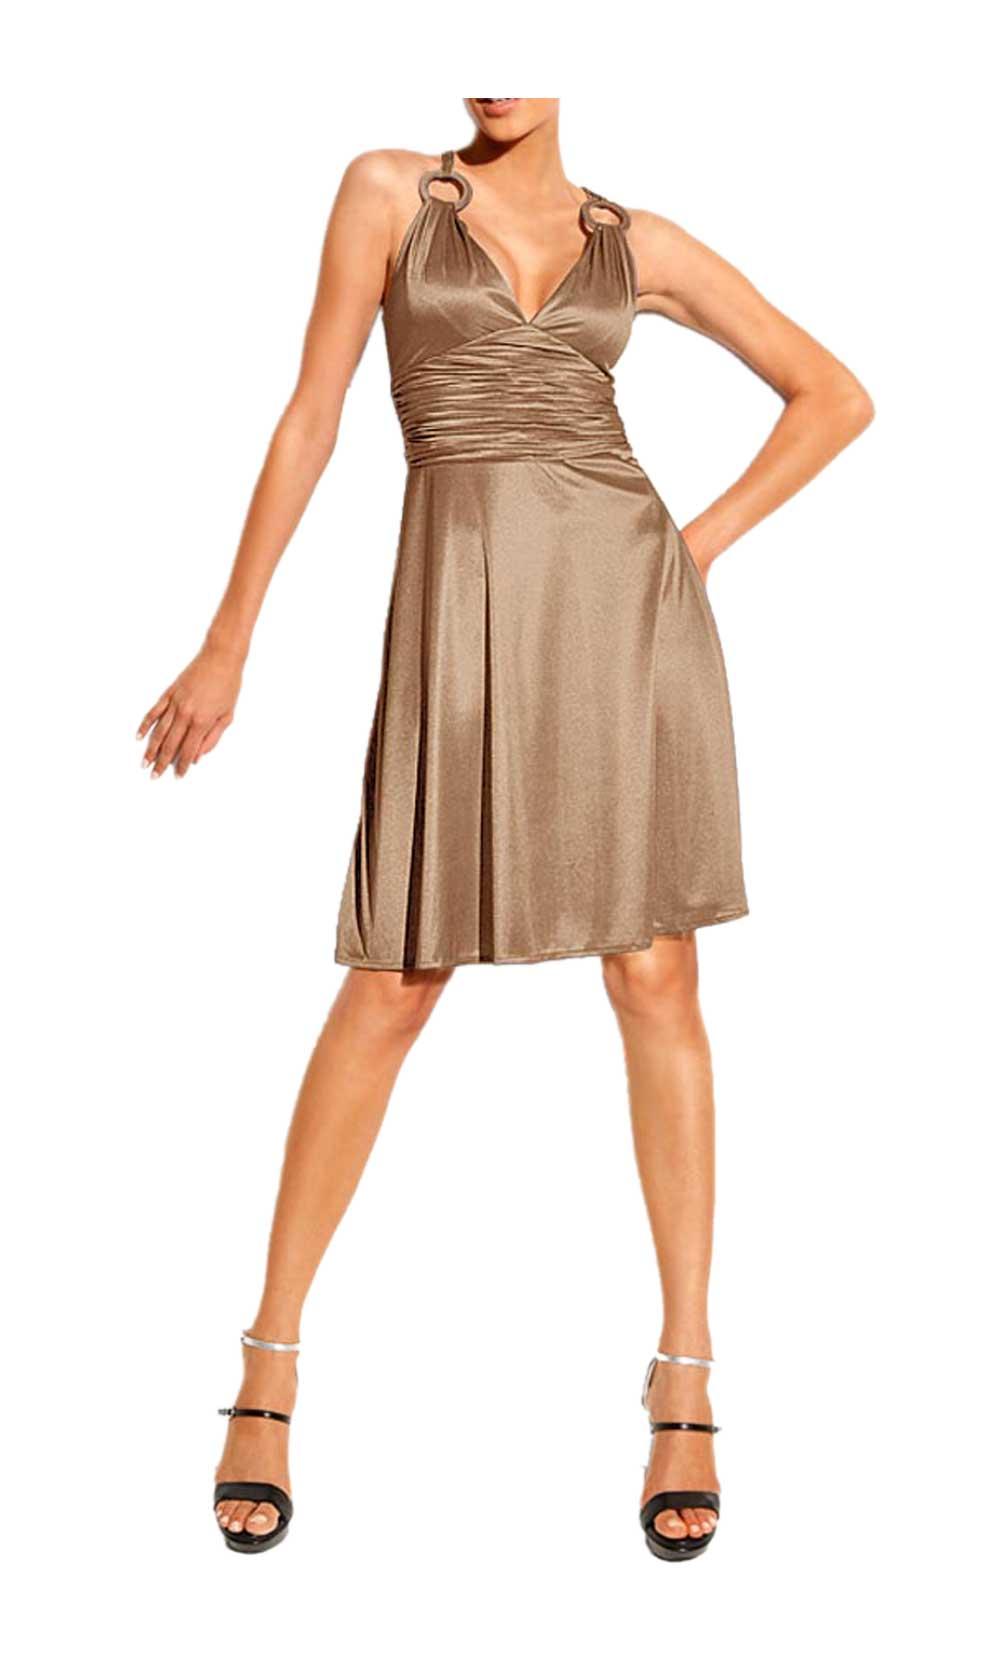 kurzes kleid für besondere anlässe HEINE Damen Designer-Cocktailkleid Taupe 045.945 Missforty